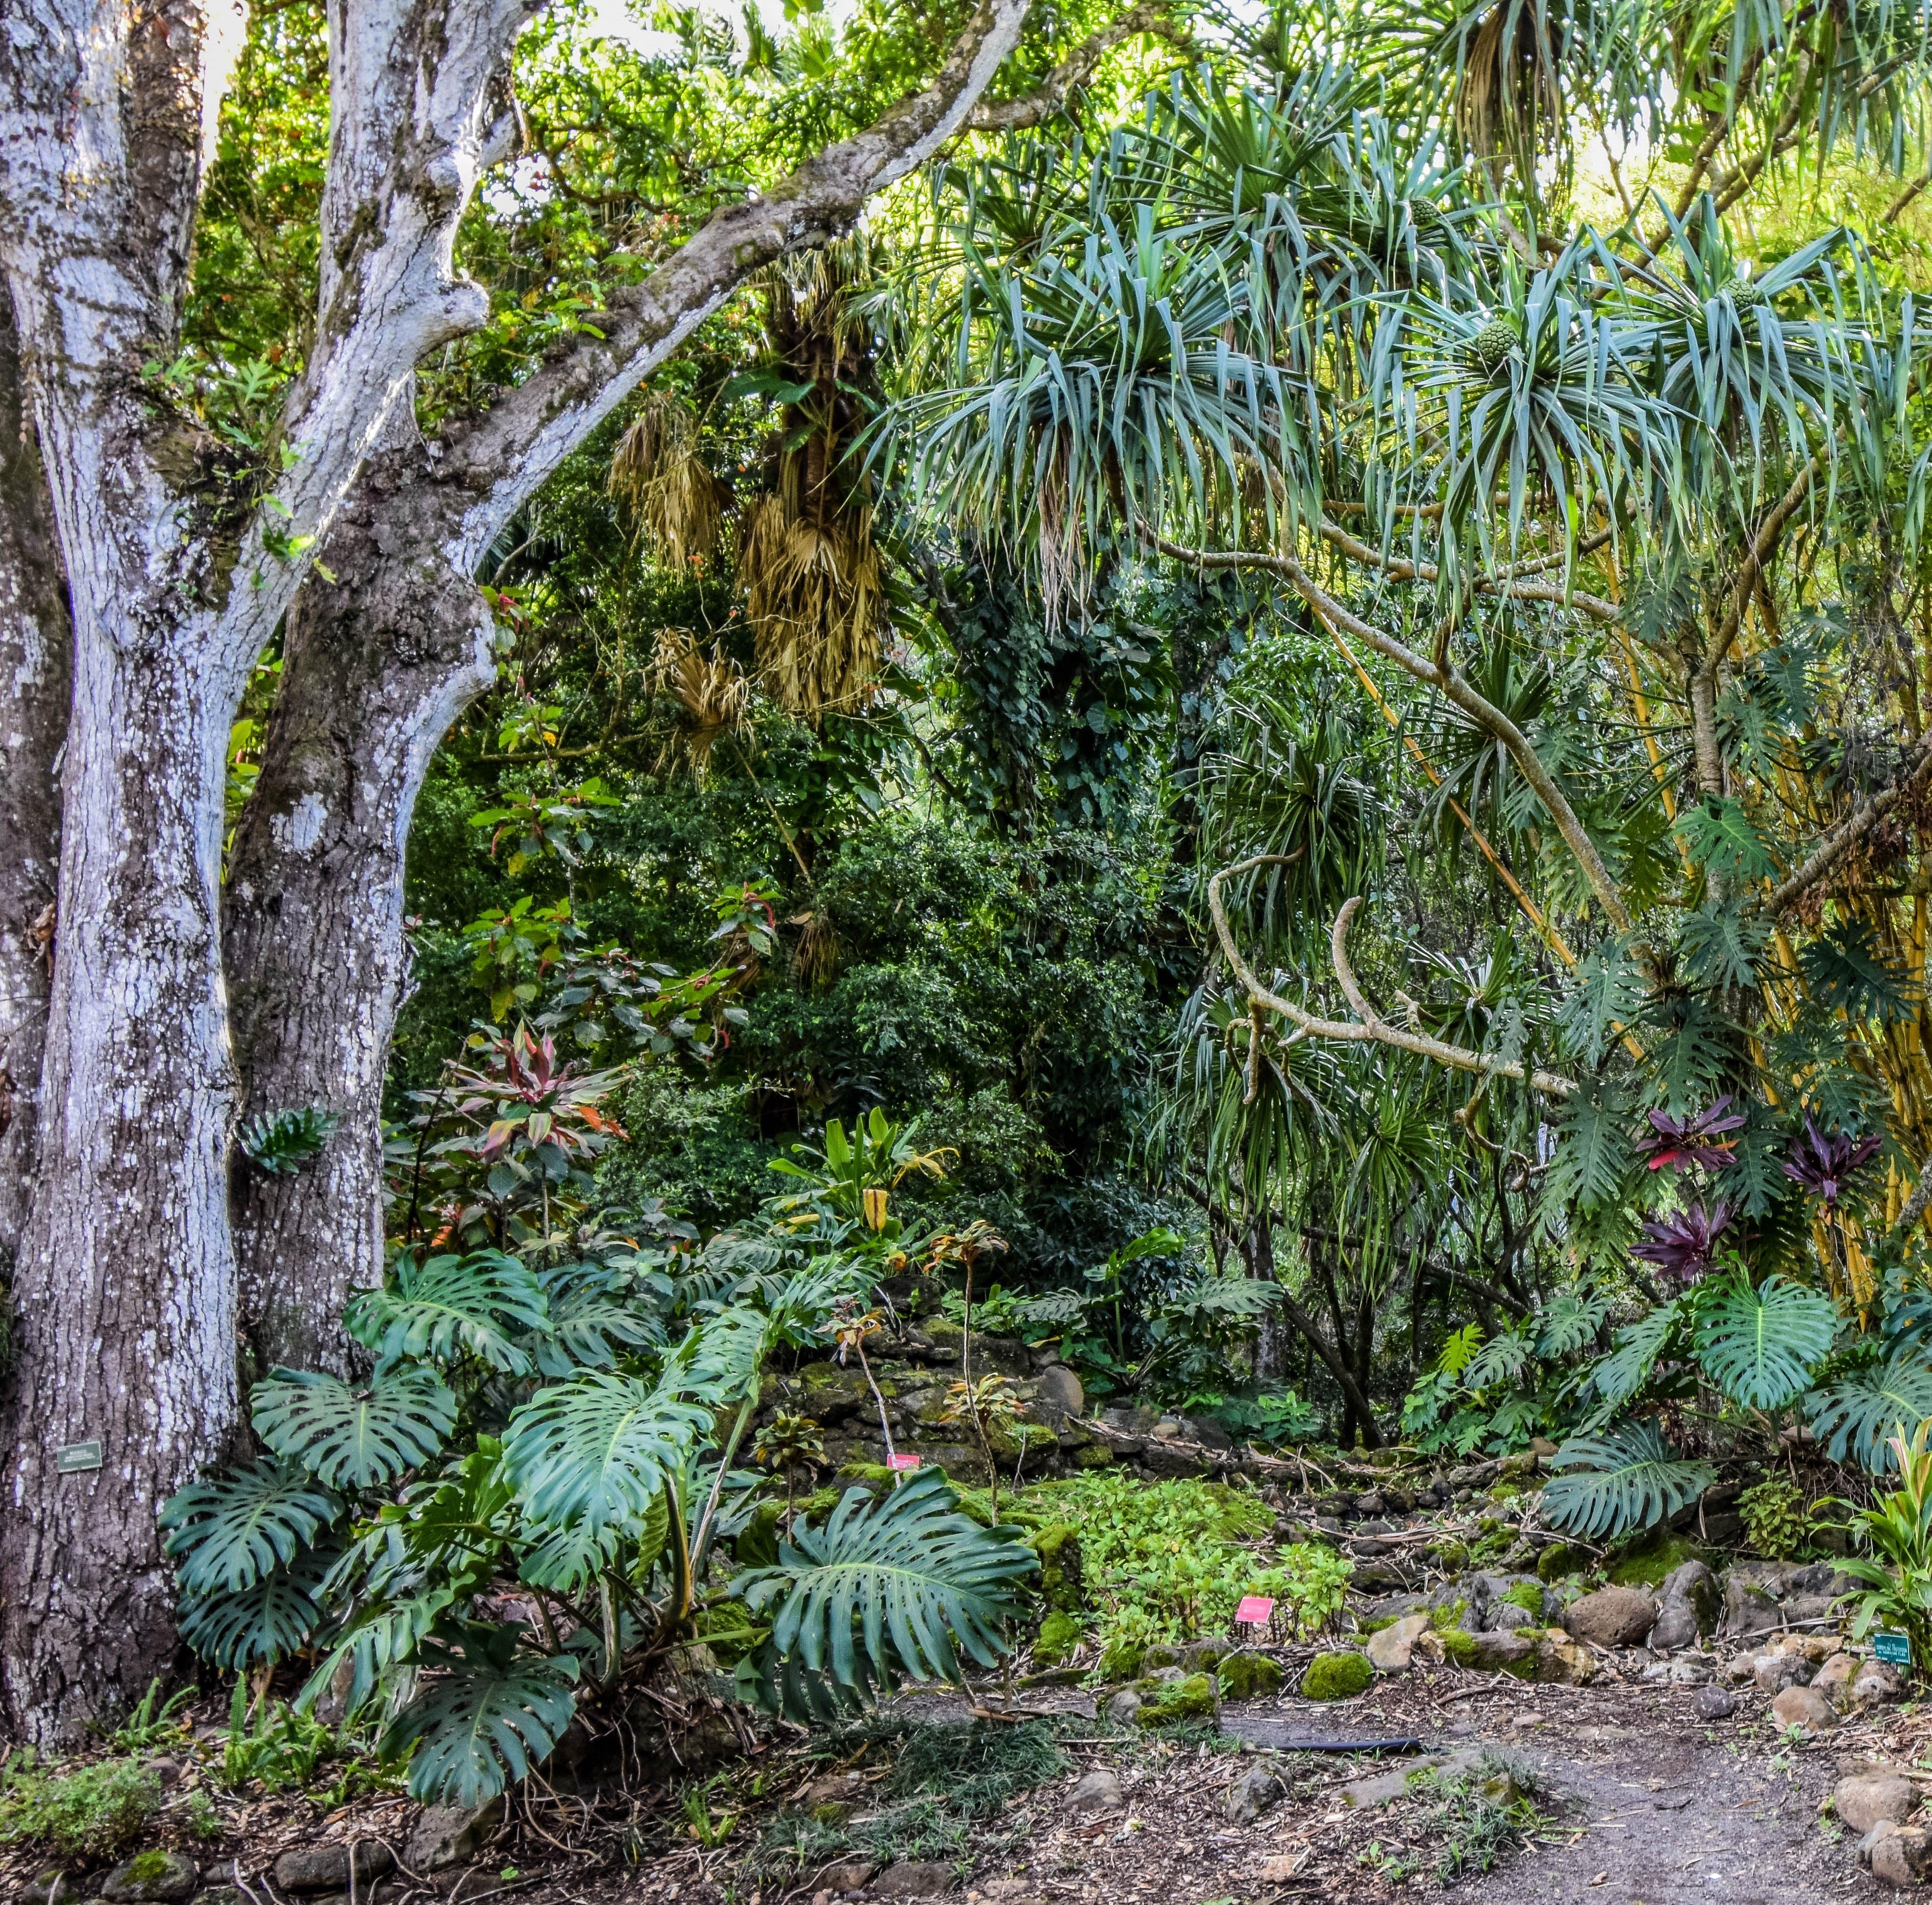 Gratis arkivbilde med bregne, grønn, hawaii, hawaiian